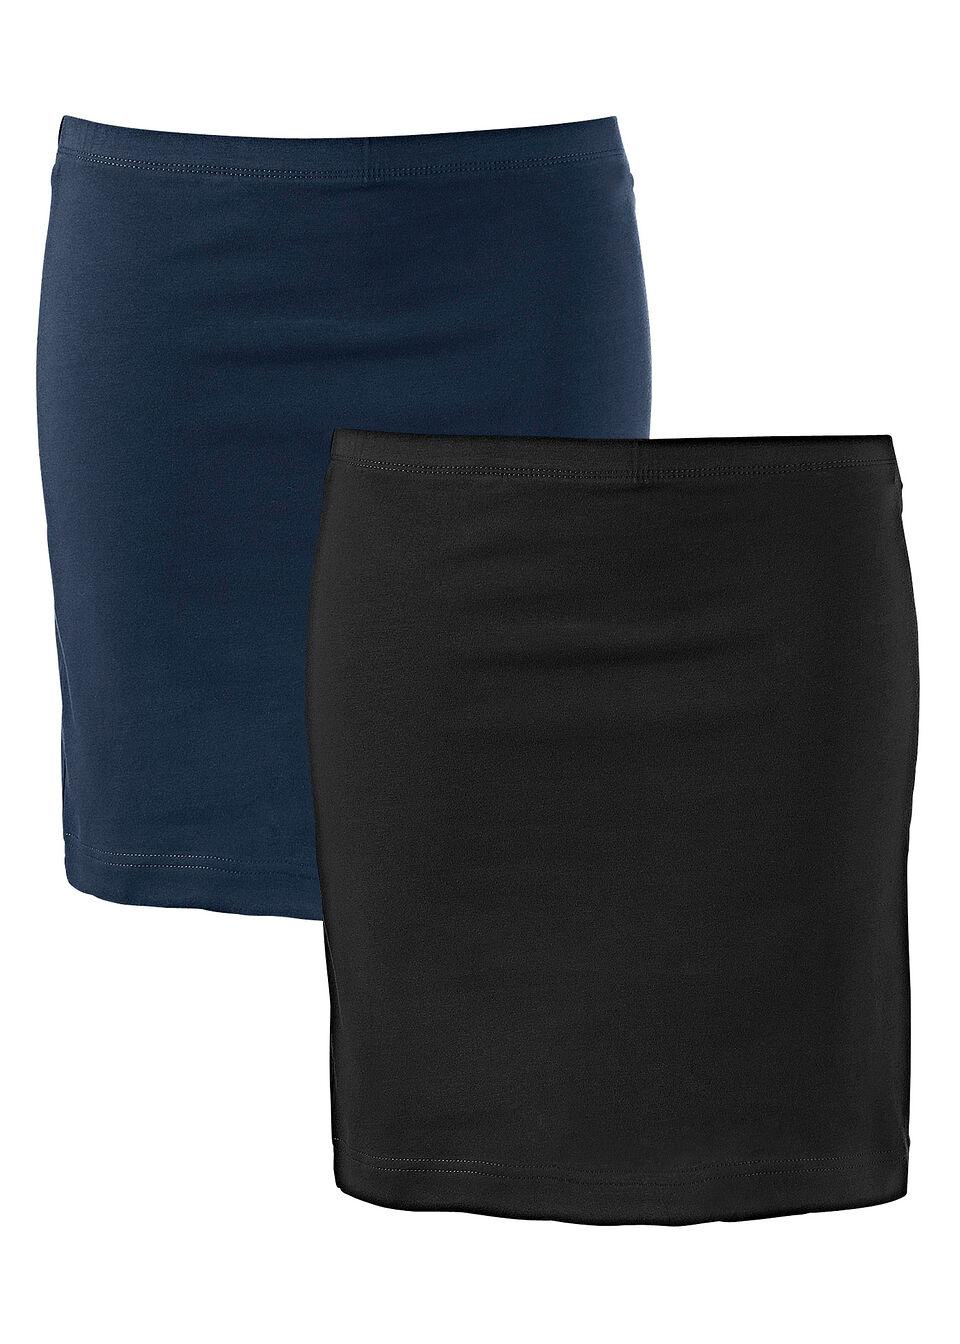 Трикотажная юбка стрейч (2 шт.) от bonprix